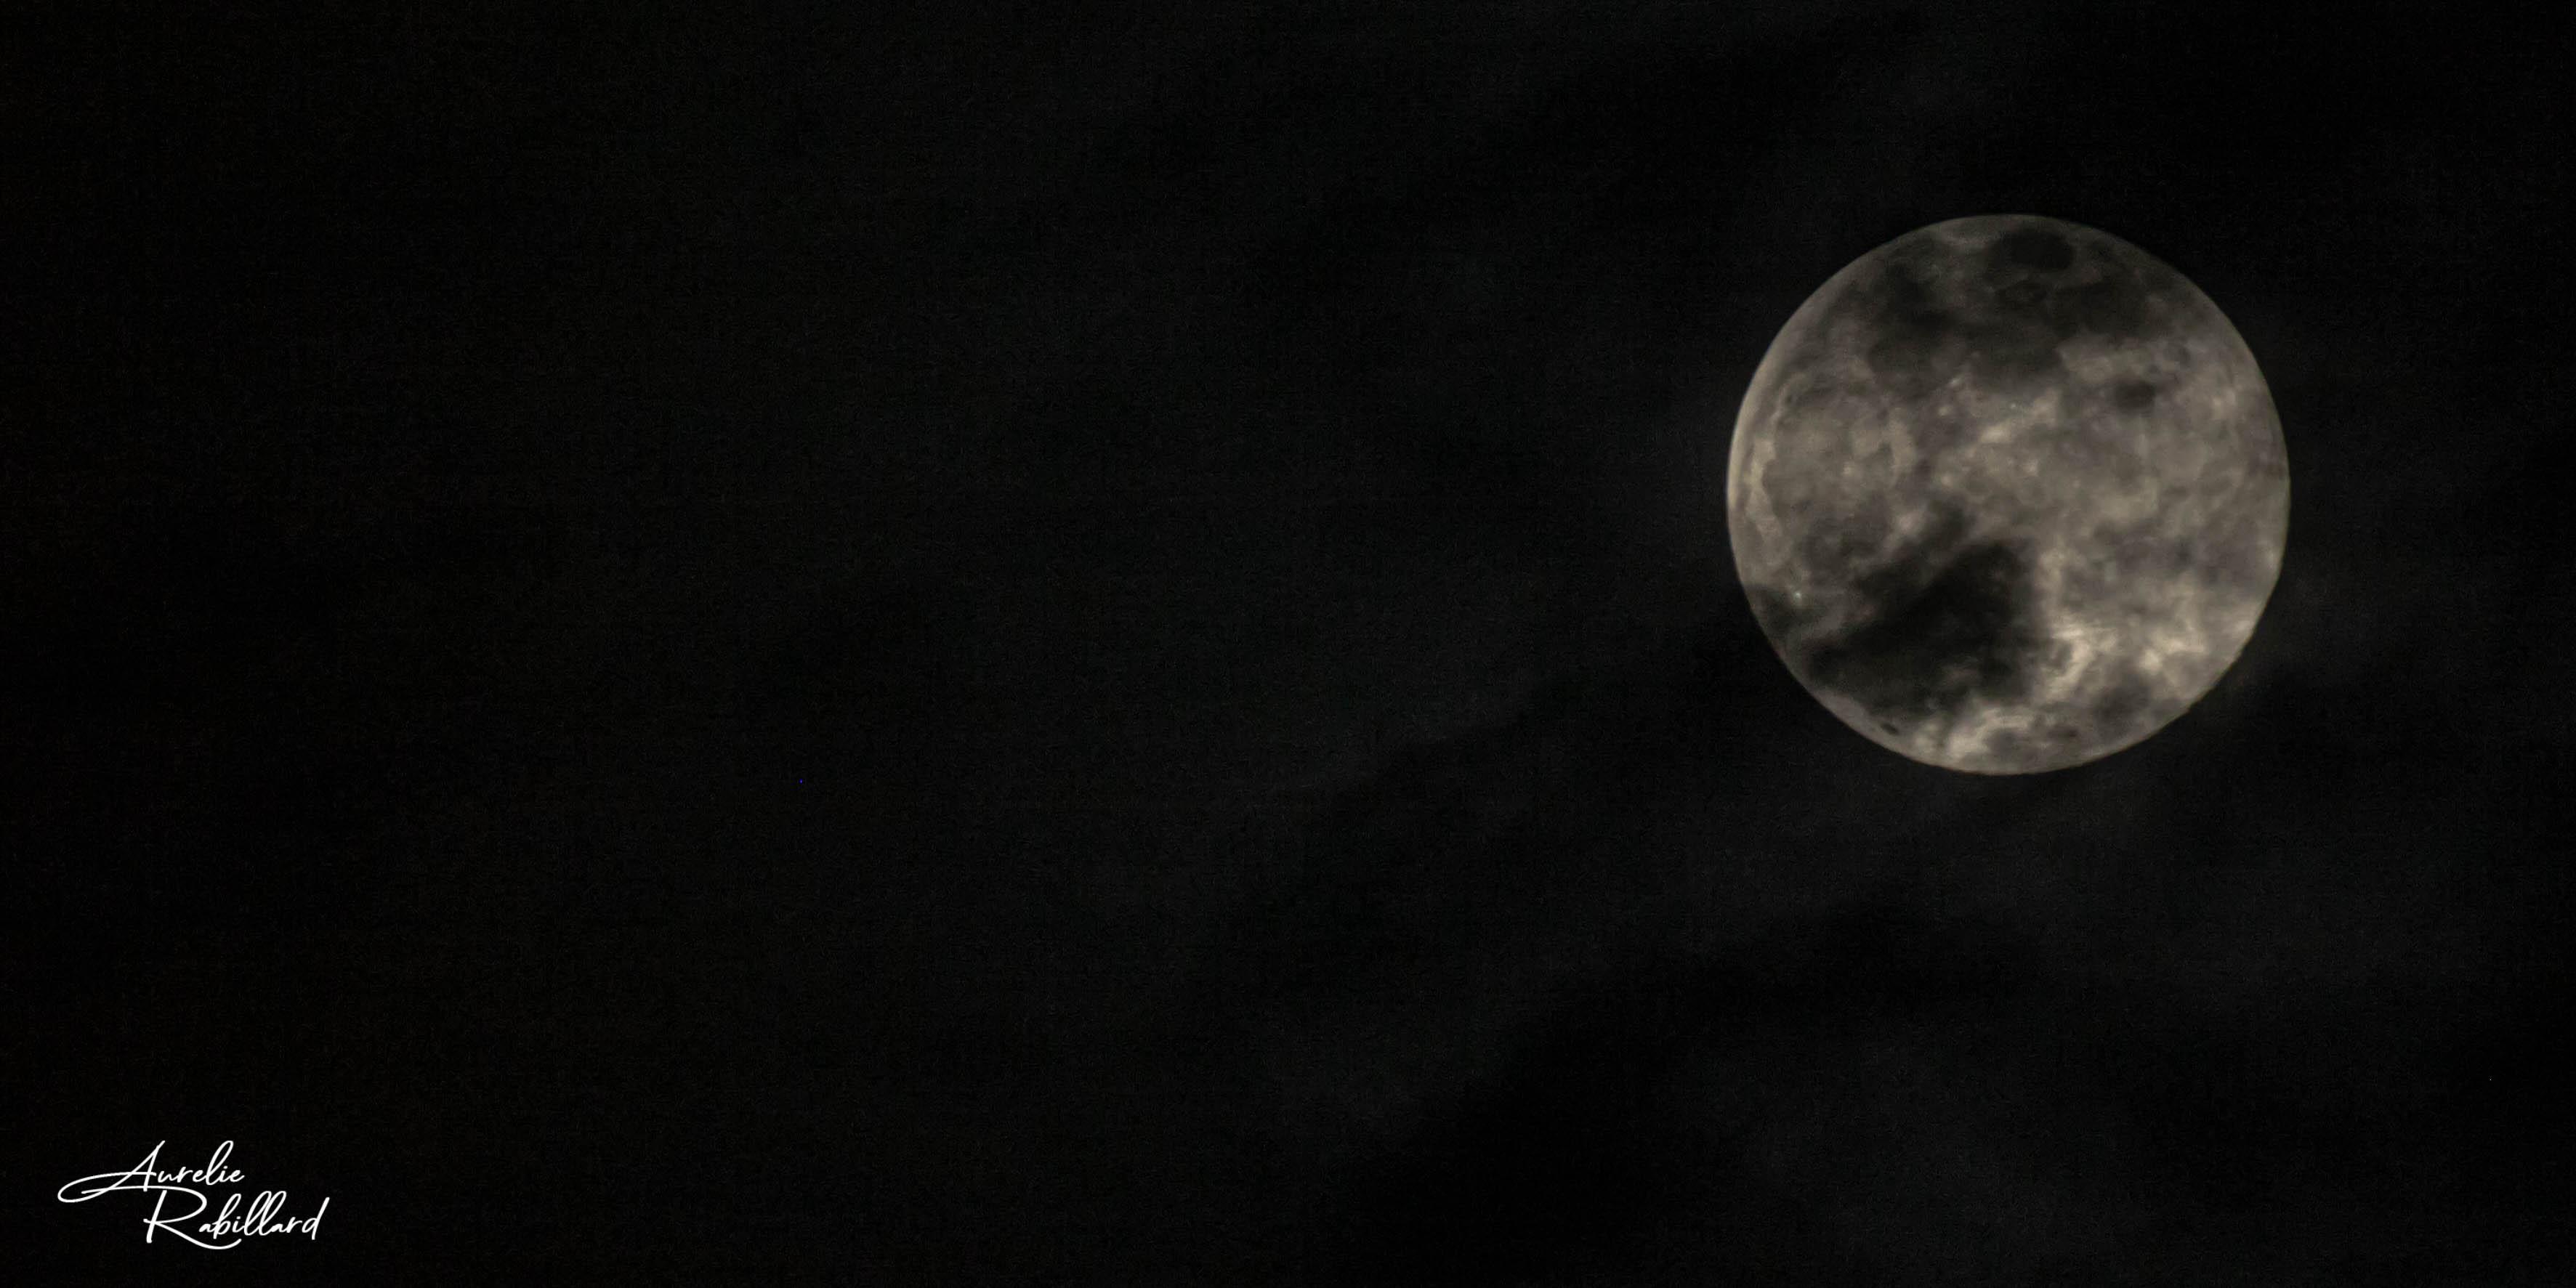 lune photographie en noir et blanc aurelie rabillard graphiste dans l'édition photgraphe